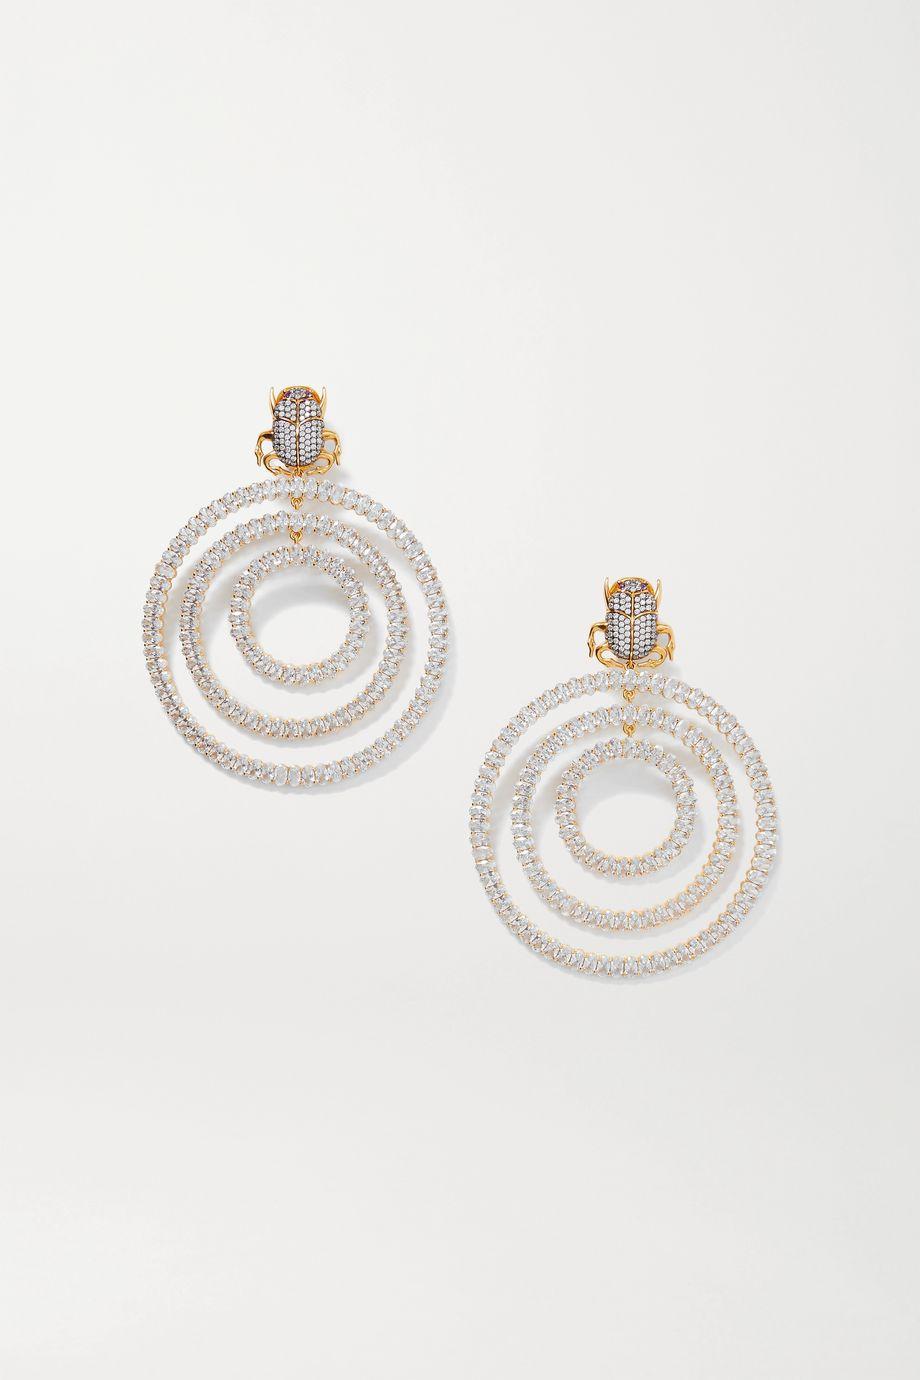 Begüm Khan Scarab Orbit vergoldete Ohrclips mit Kristallen